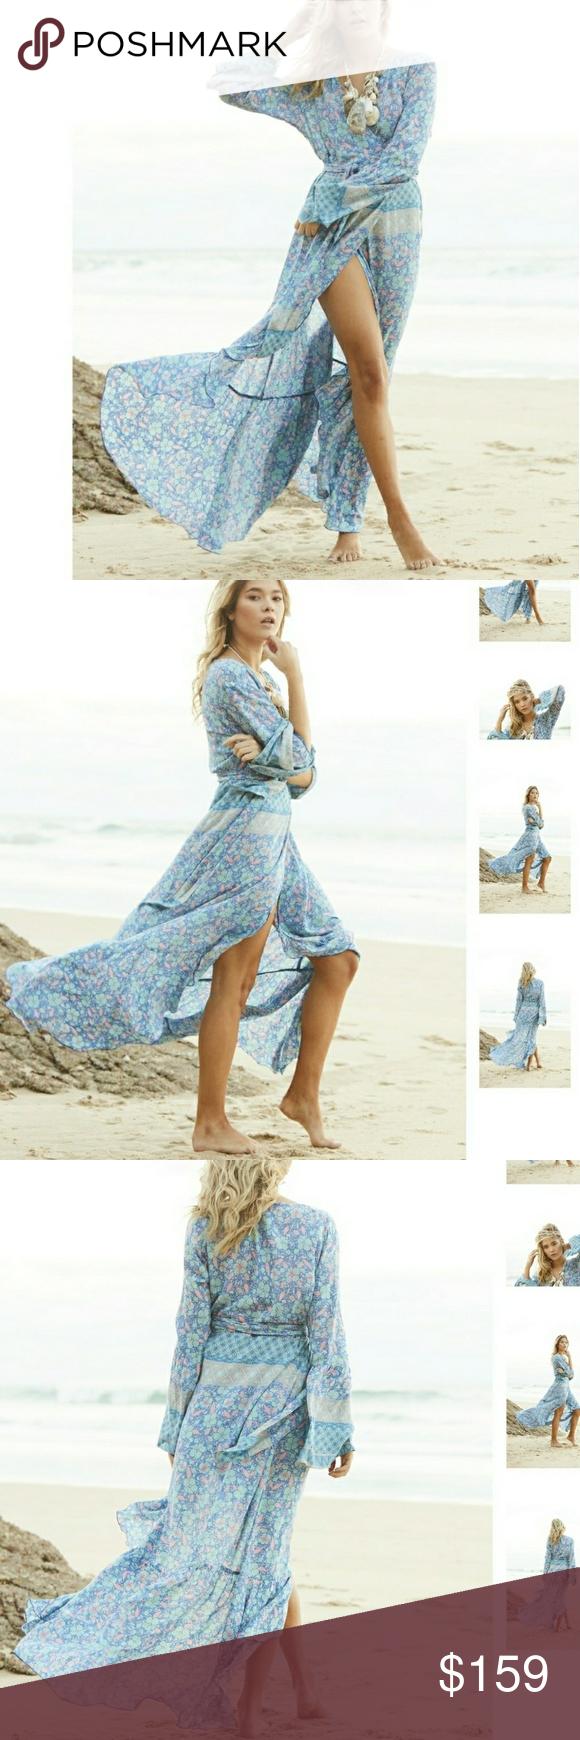 Nwt gypsy mermaid wrap maxi dress nwt tie dying maxi dresses